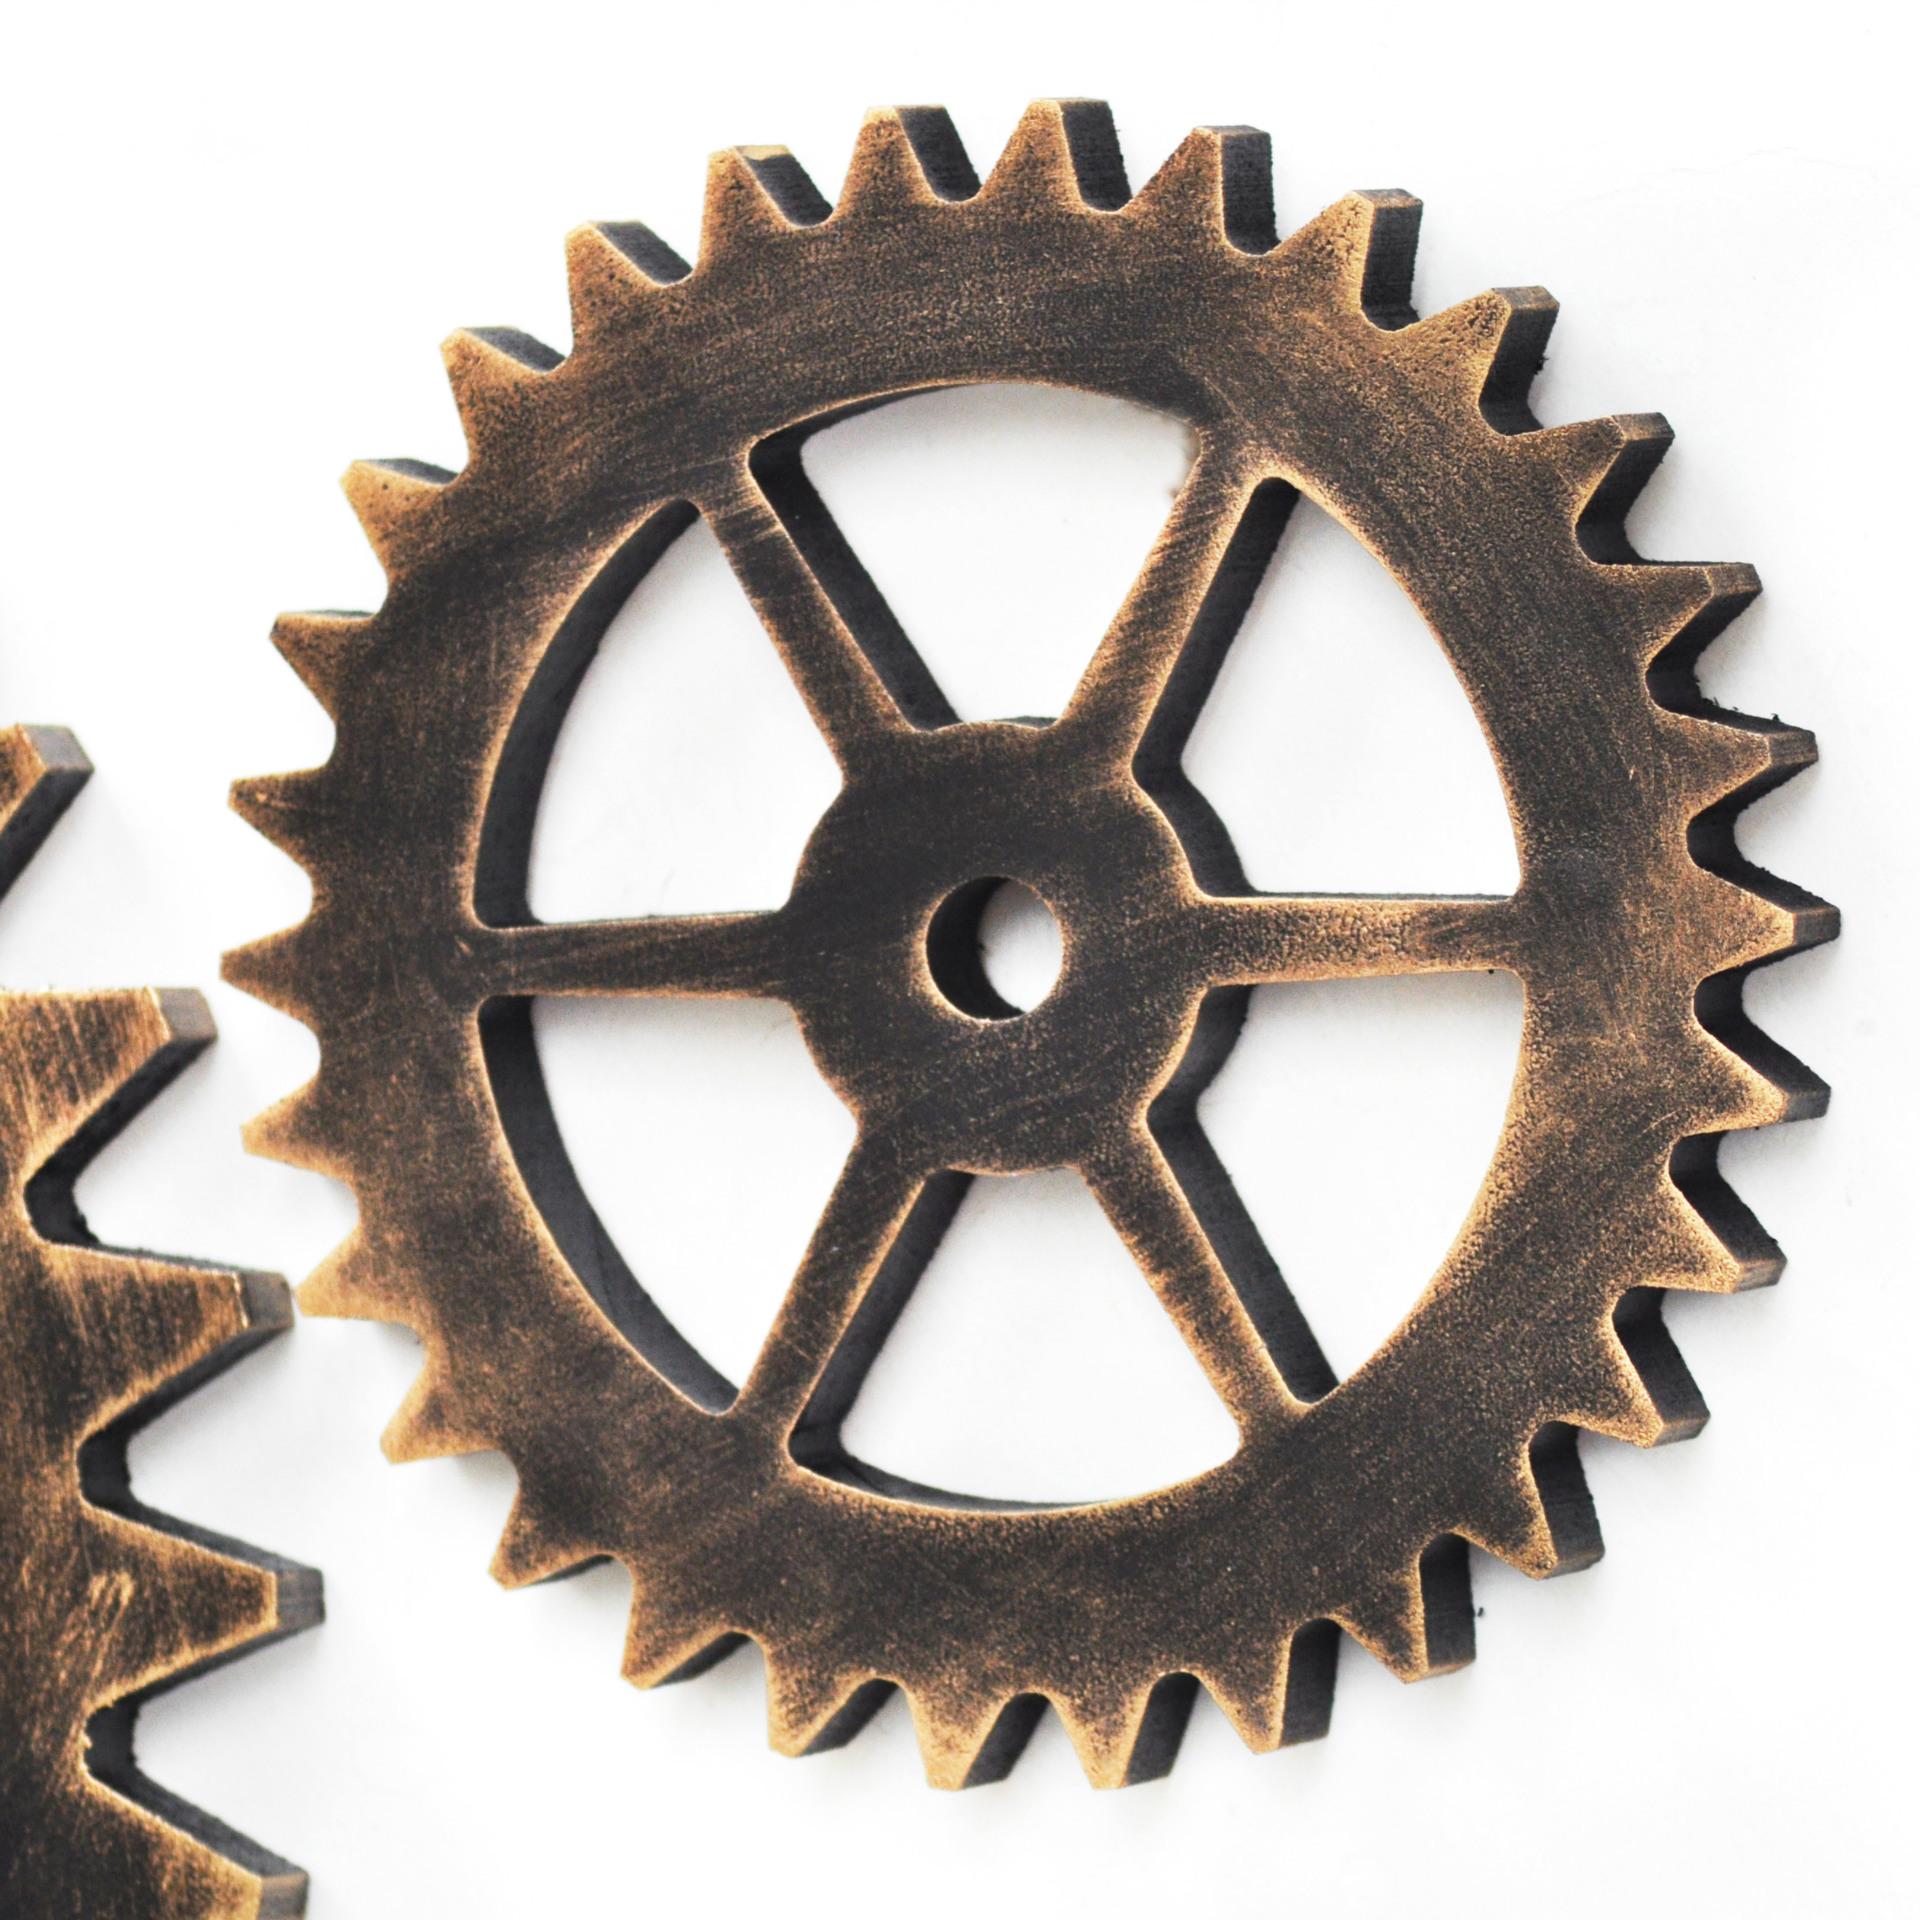 Industriële Vintage Meubels-Koop Goedkope Industriële ...